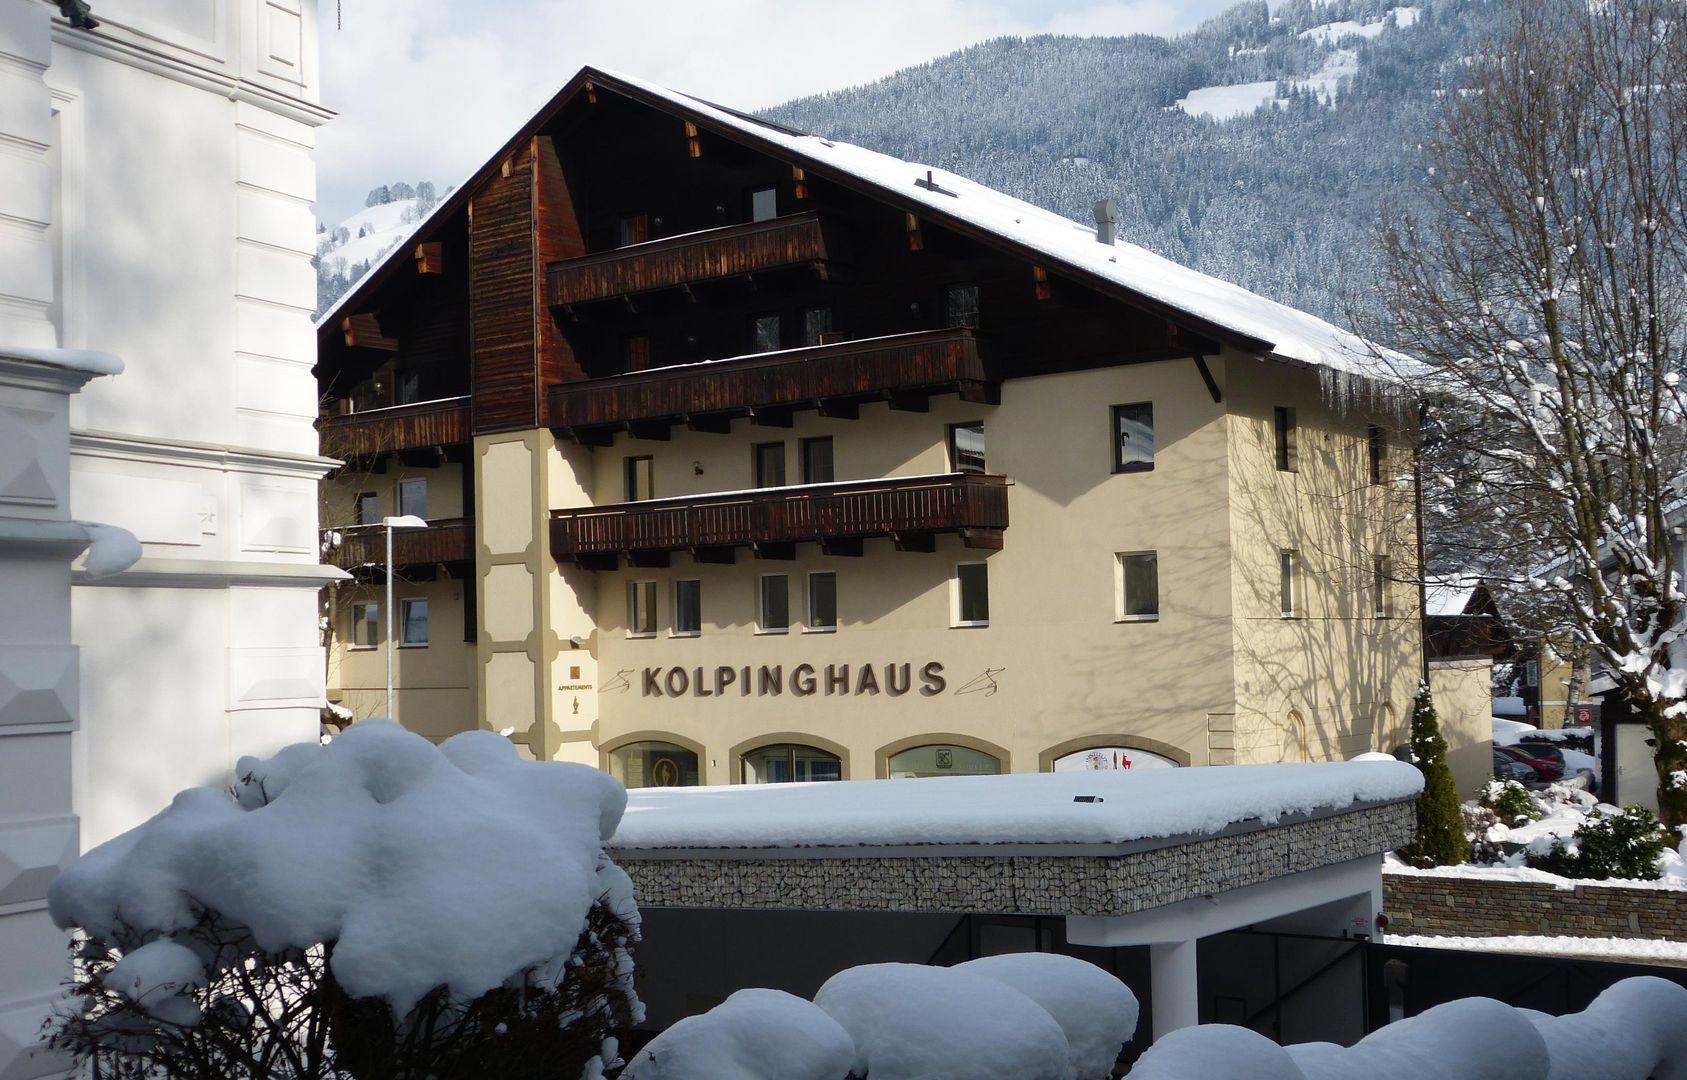 Apartment Kolpinghaus - Slide 1